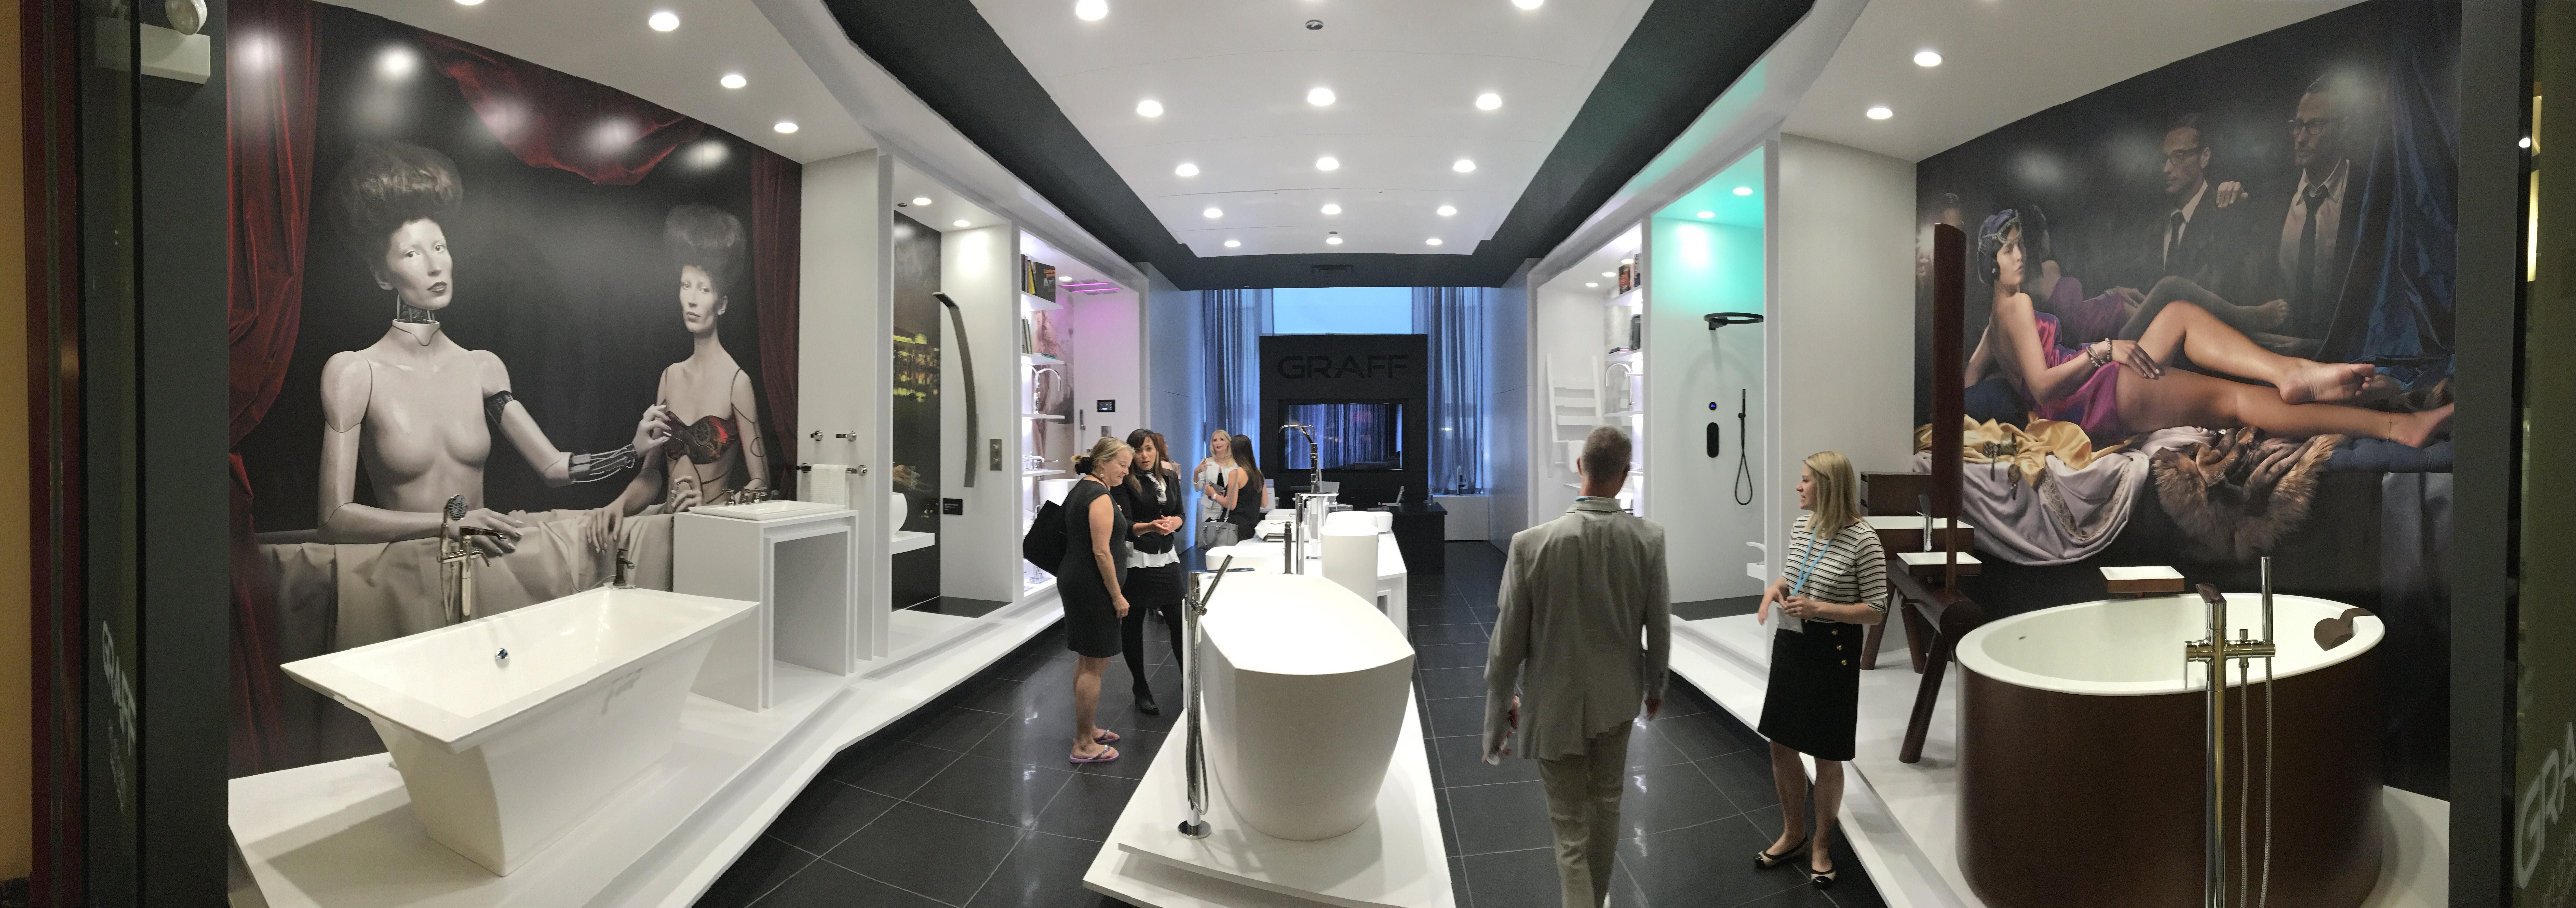 Erfreut Chicago Küche Und Bad Show 2016 Ideen - Küchen Design Ideen ...